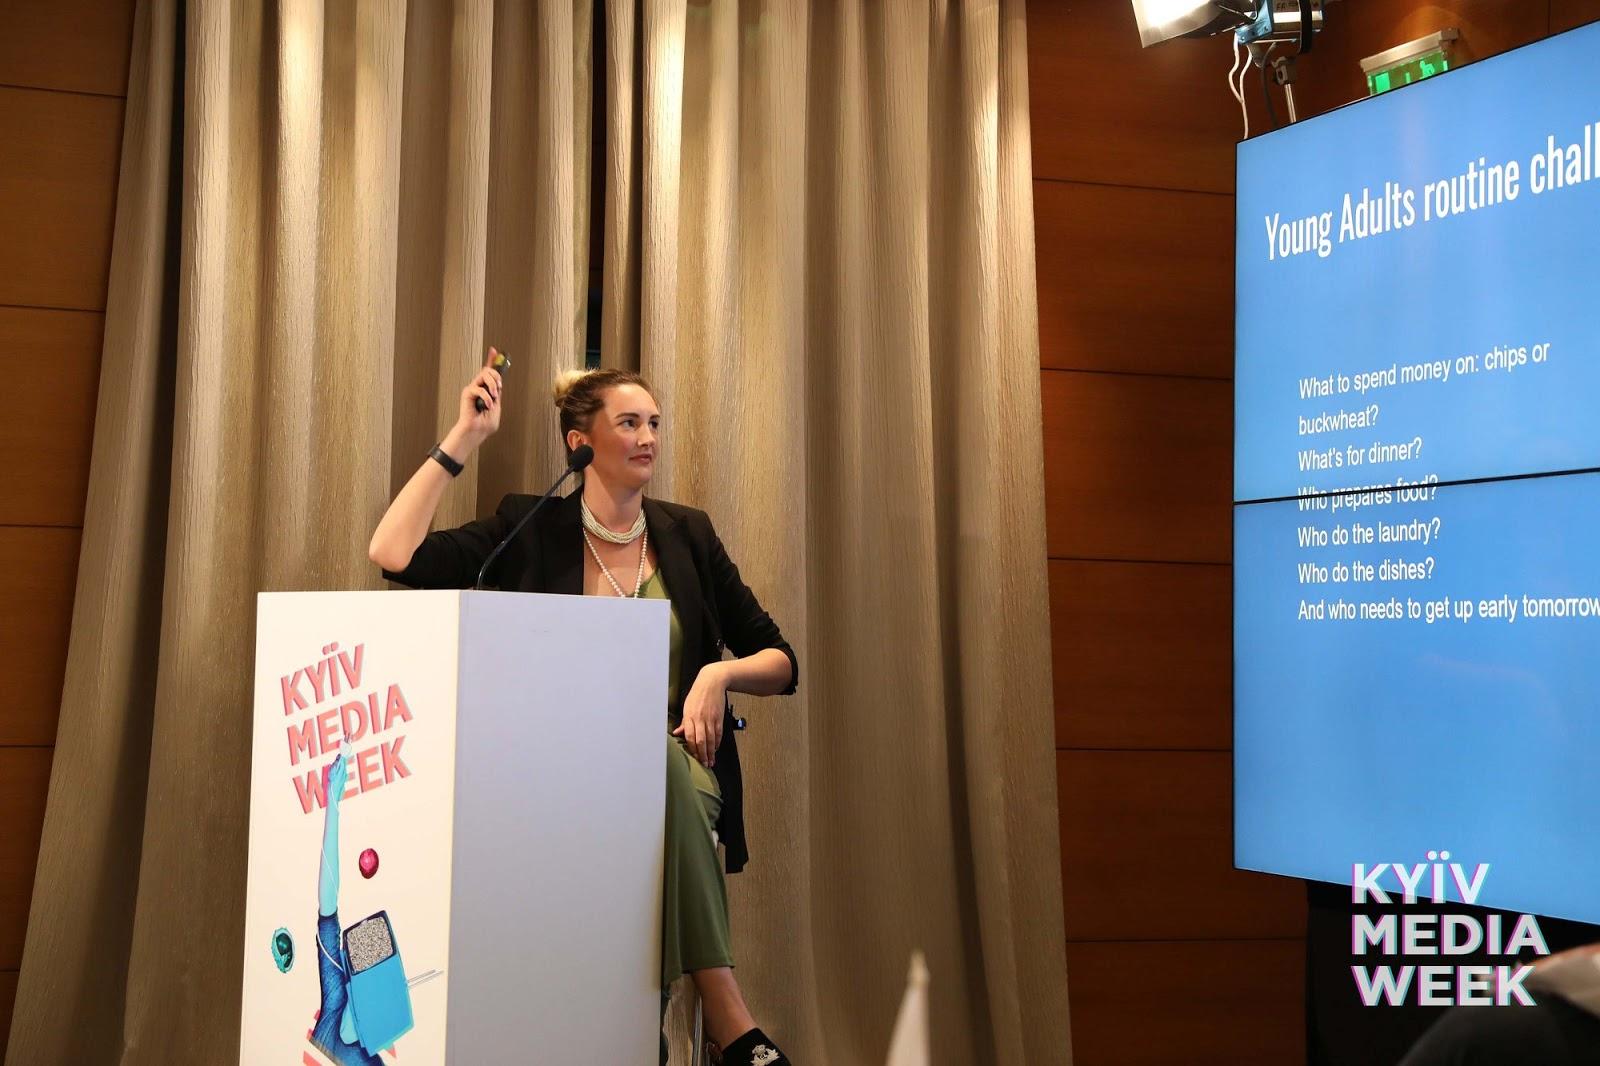 Диана презентует сценарий на конкурсе Kyiv Media Week в 2019